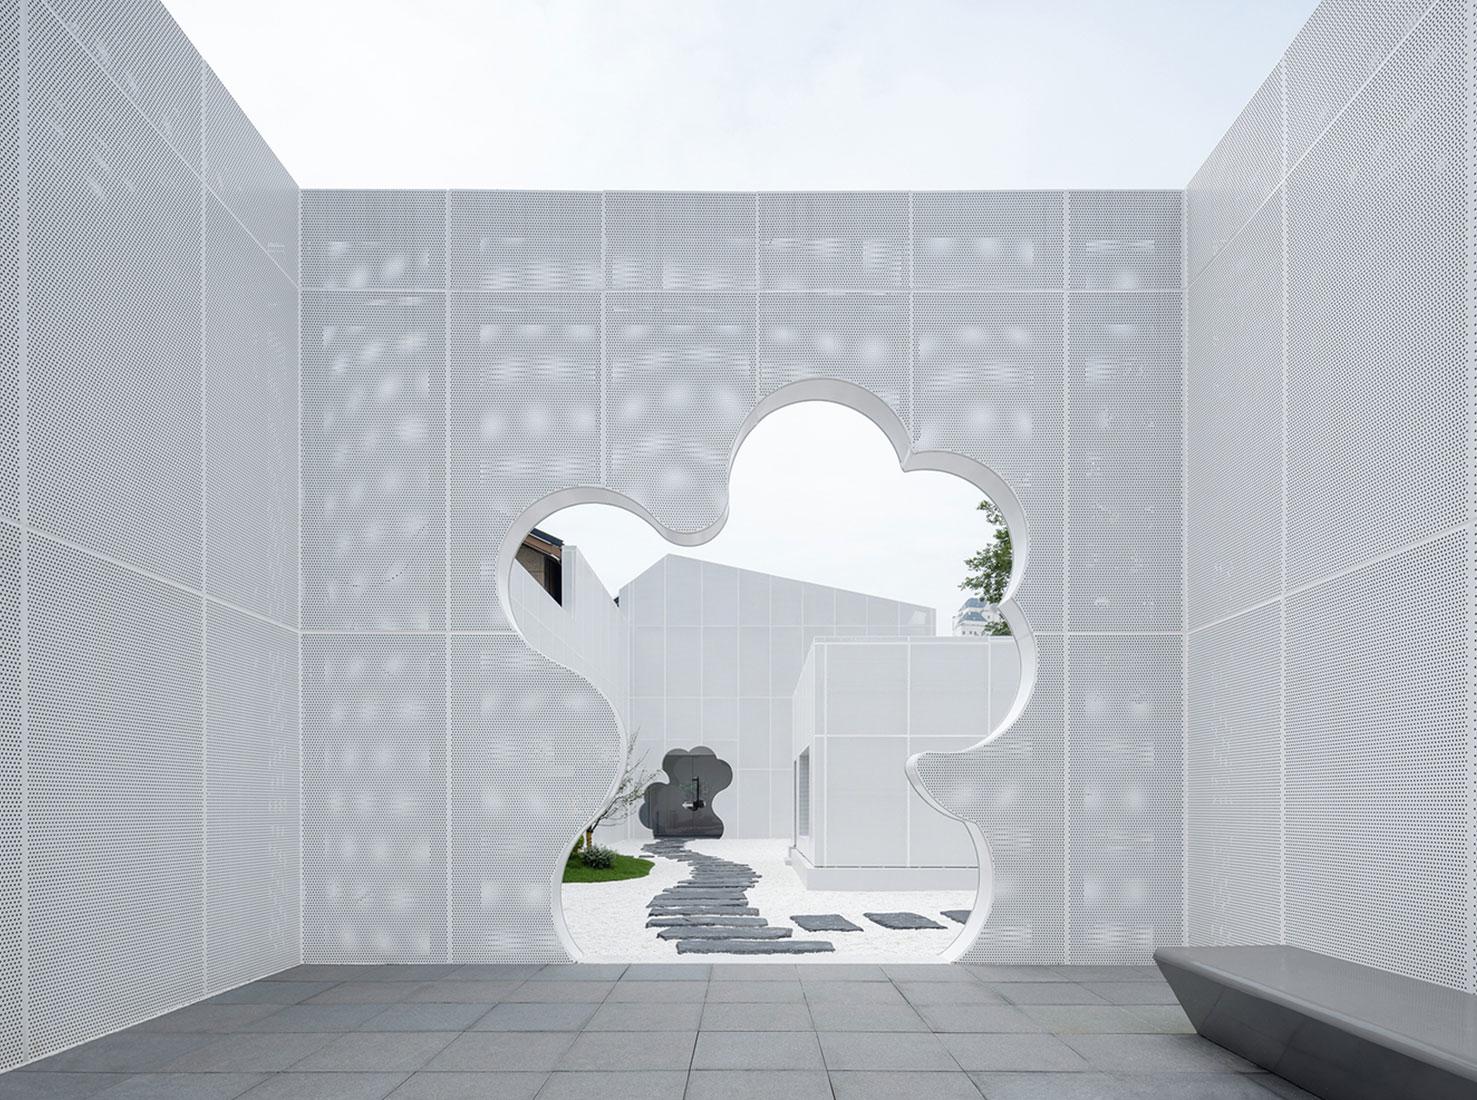 Ю Тин архитектор фото